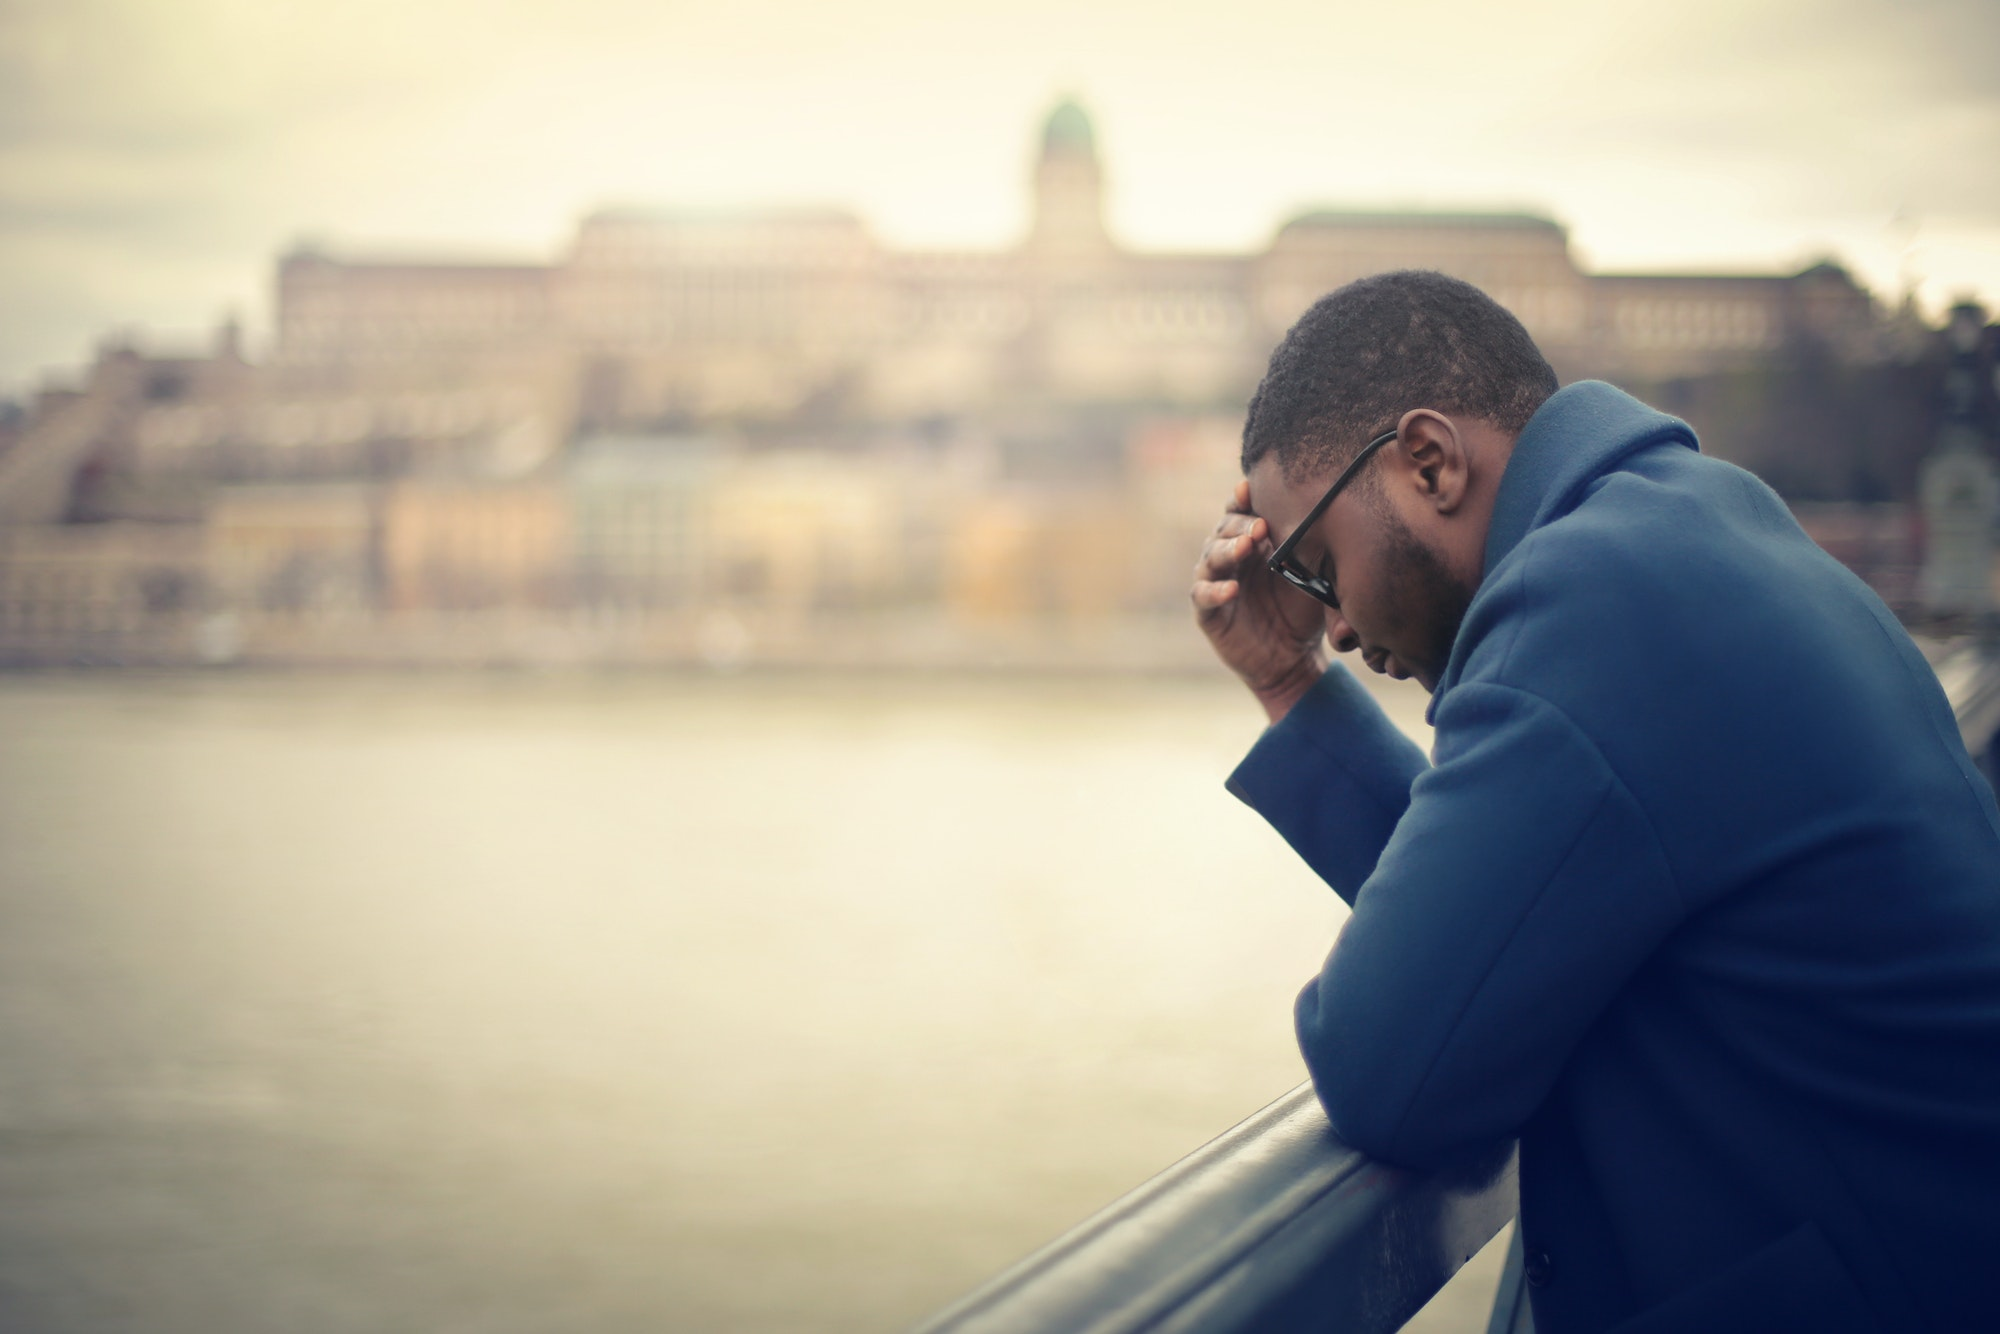 Sad man leaning on bridge